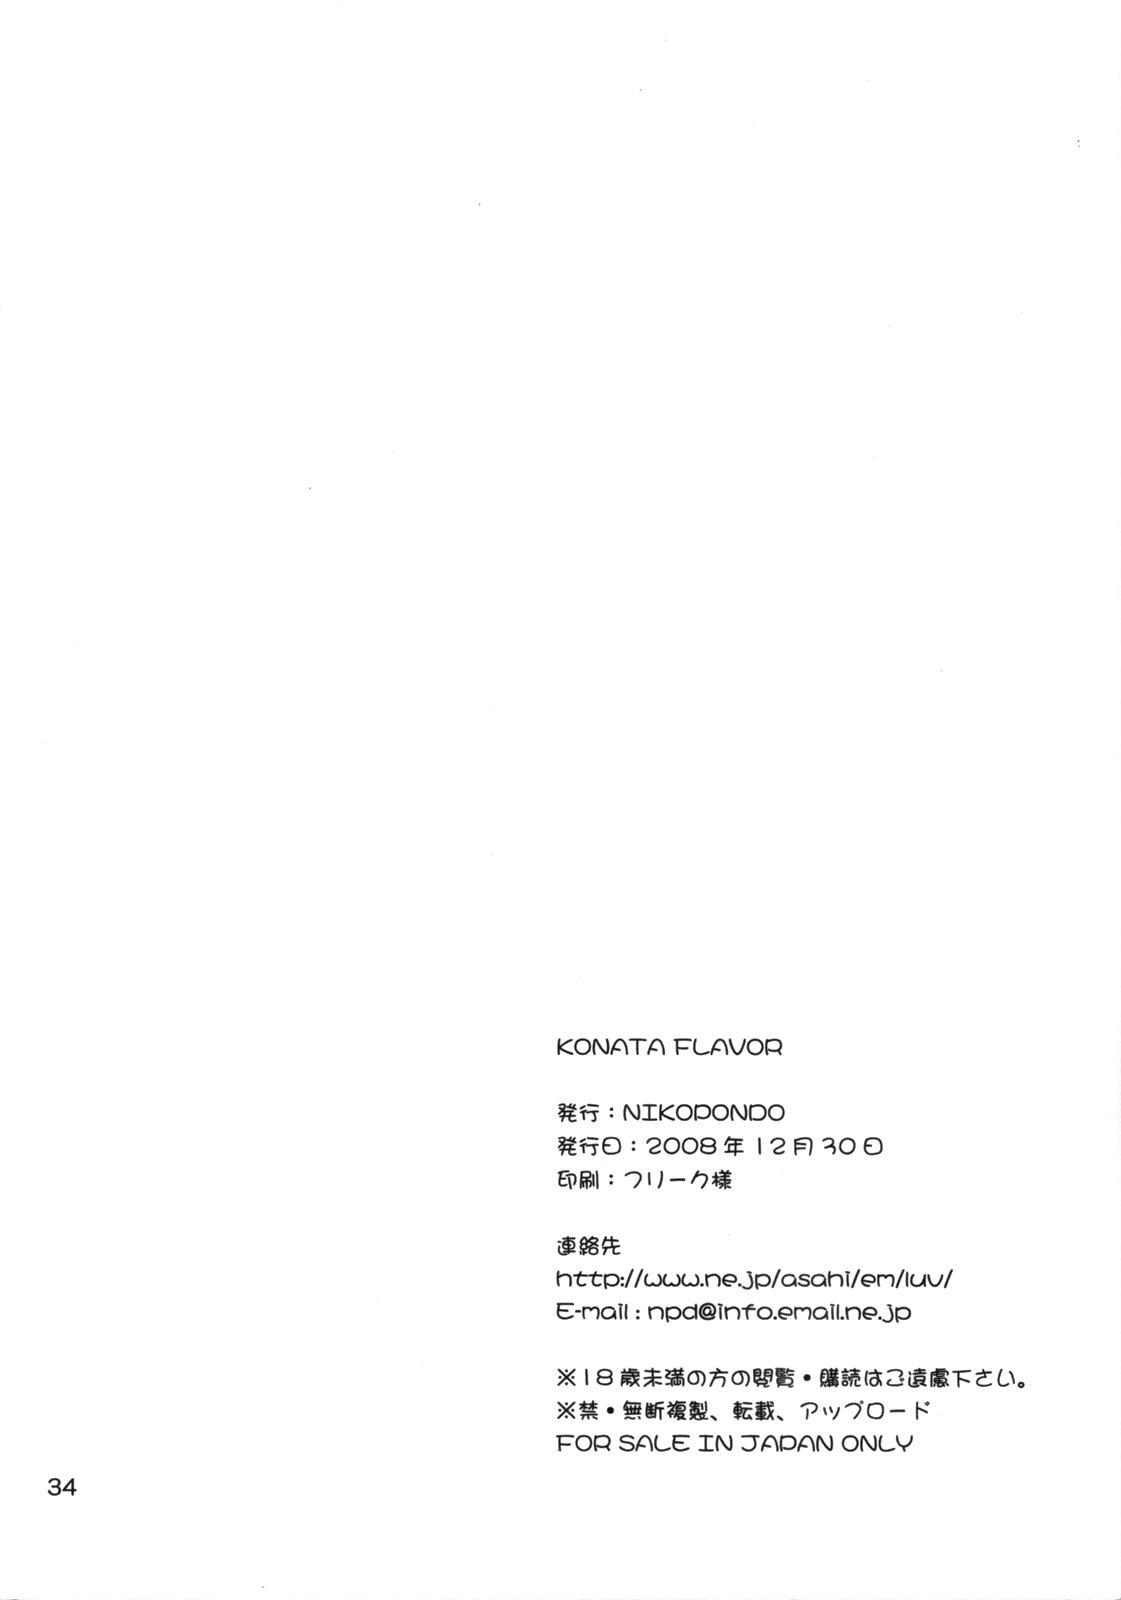 Konata Flavor 32